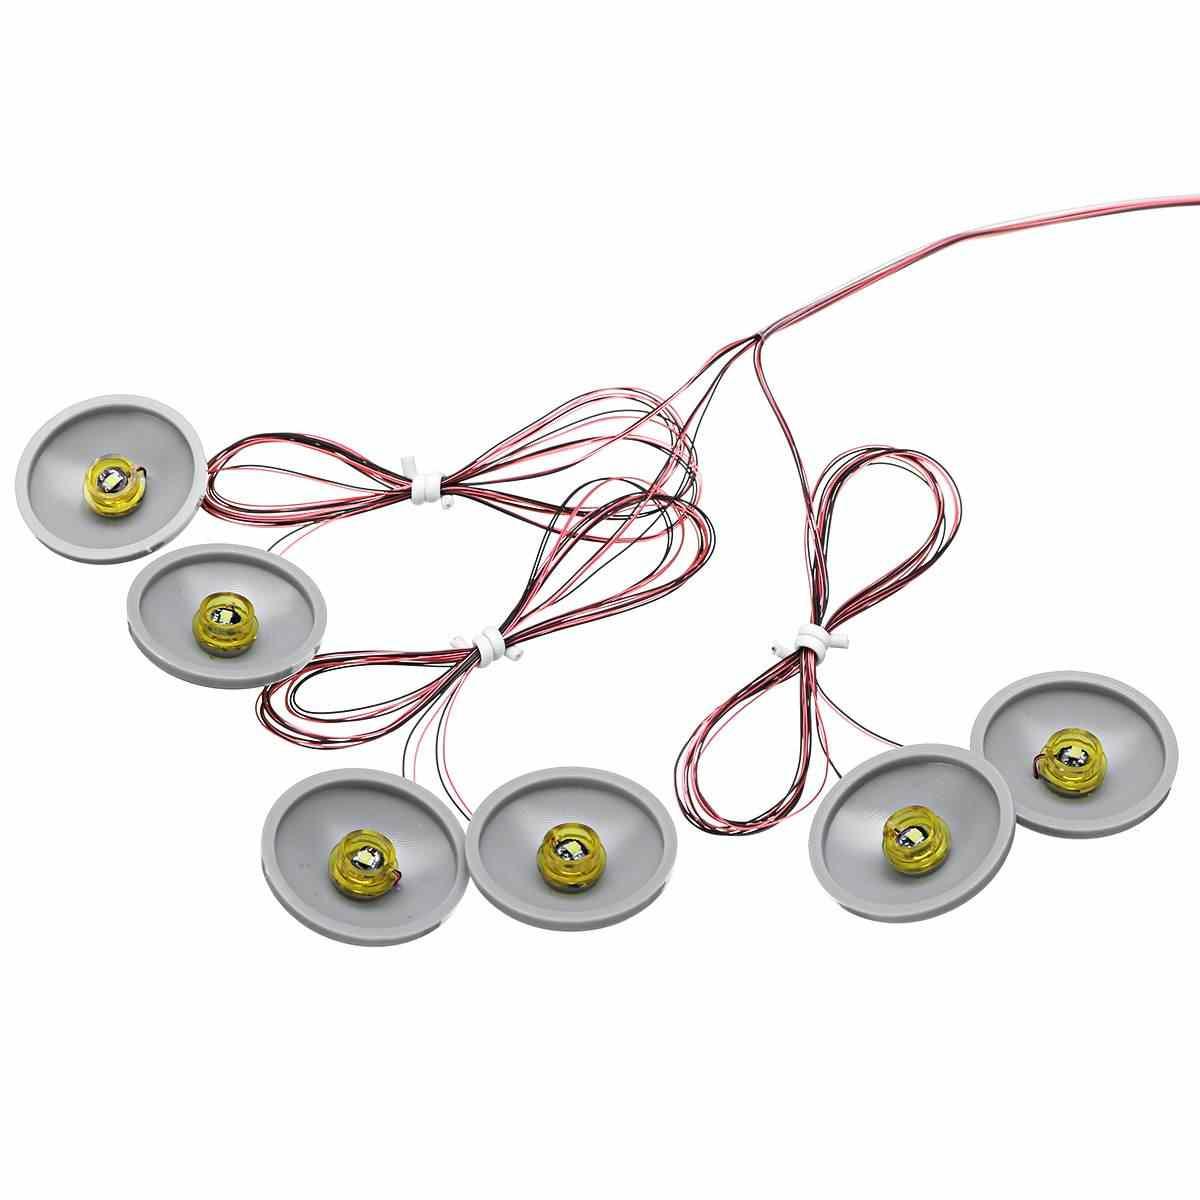 Tylko LED, noc, lekki zestaw do Lego dla 75827 dla Ghostbusters straży pożarnej siedziby klocki oświetlenie zestaw nowy